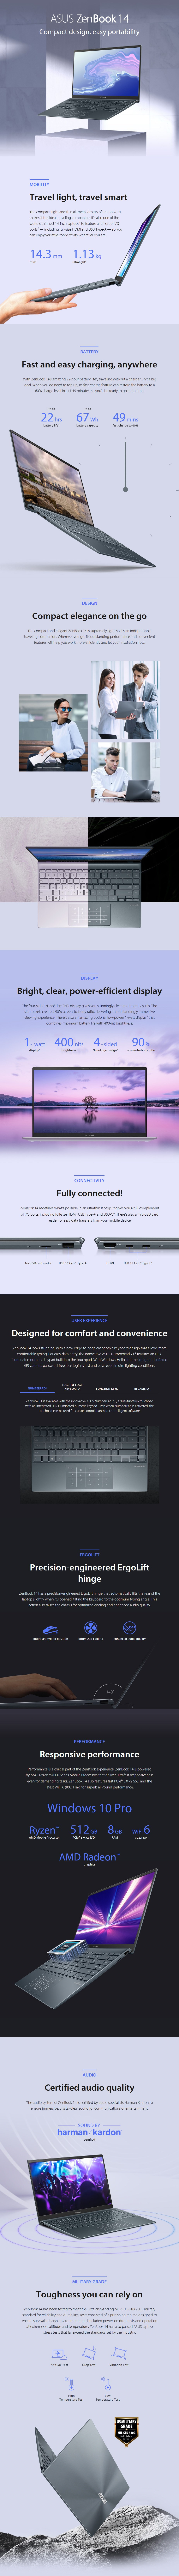 """ASUS ZenBook 14 UM425IA 14"""" Laptop - Overview 1"""